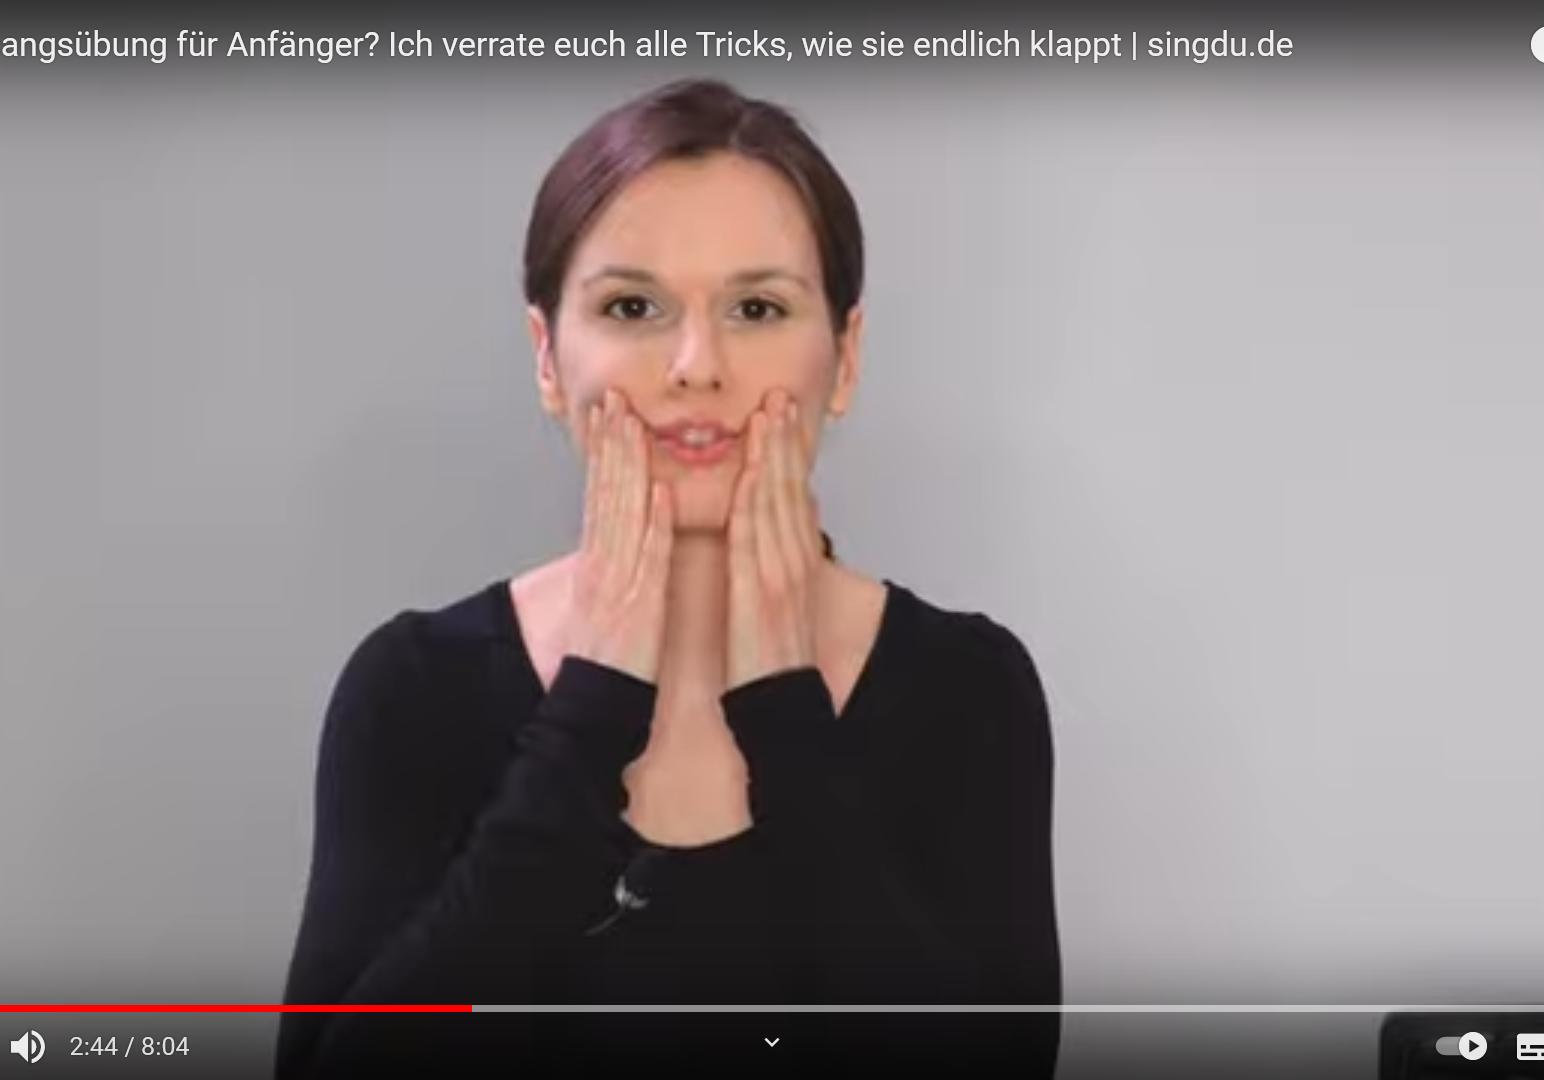 Verena von singdu.de